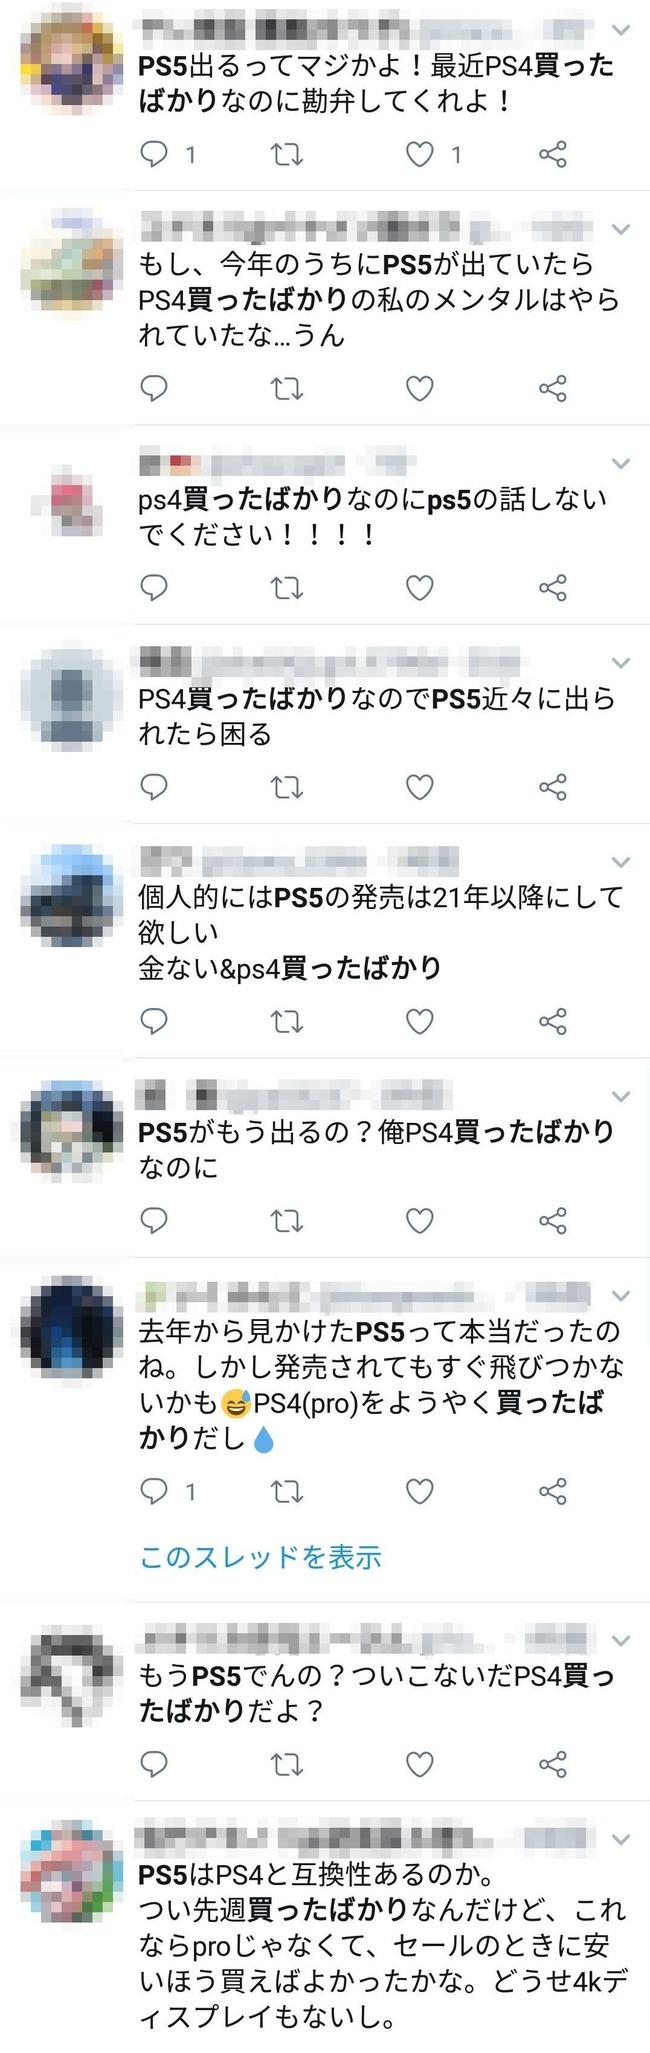 PS5 買ったばかり ツイッター 反応 PS4 日本人 一般人に関連した画像-02